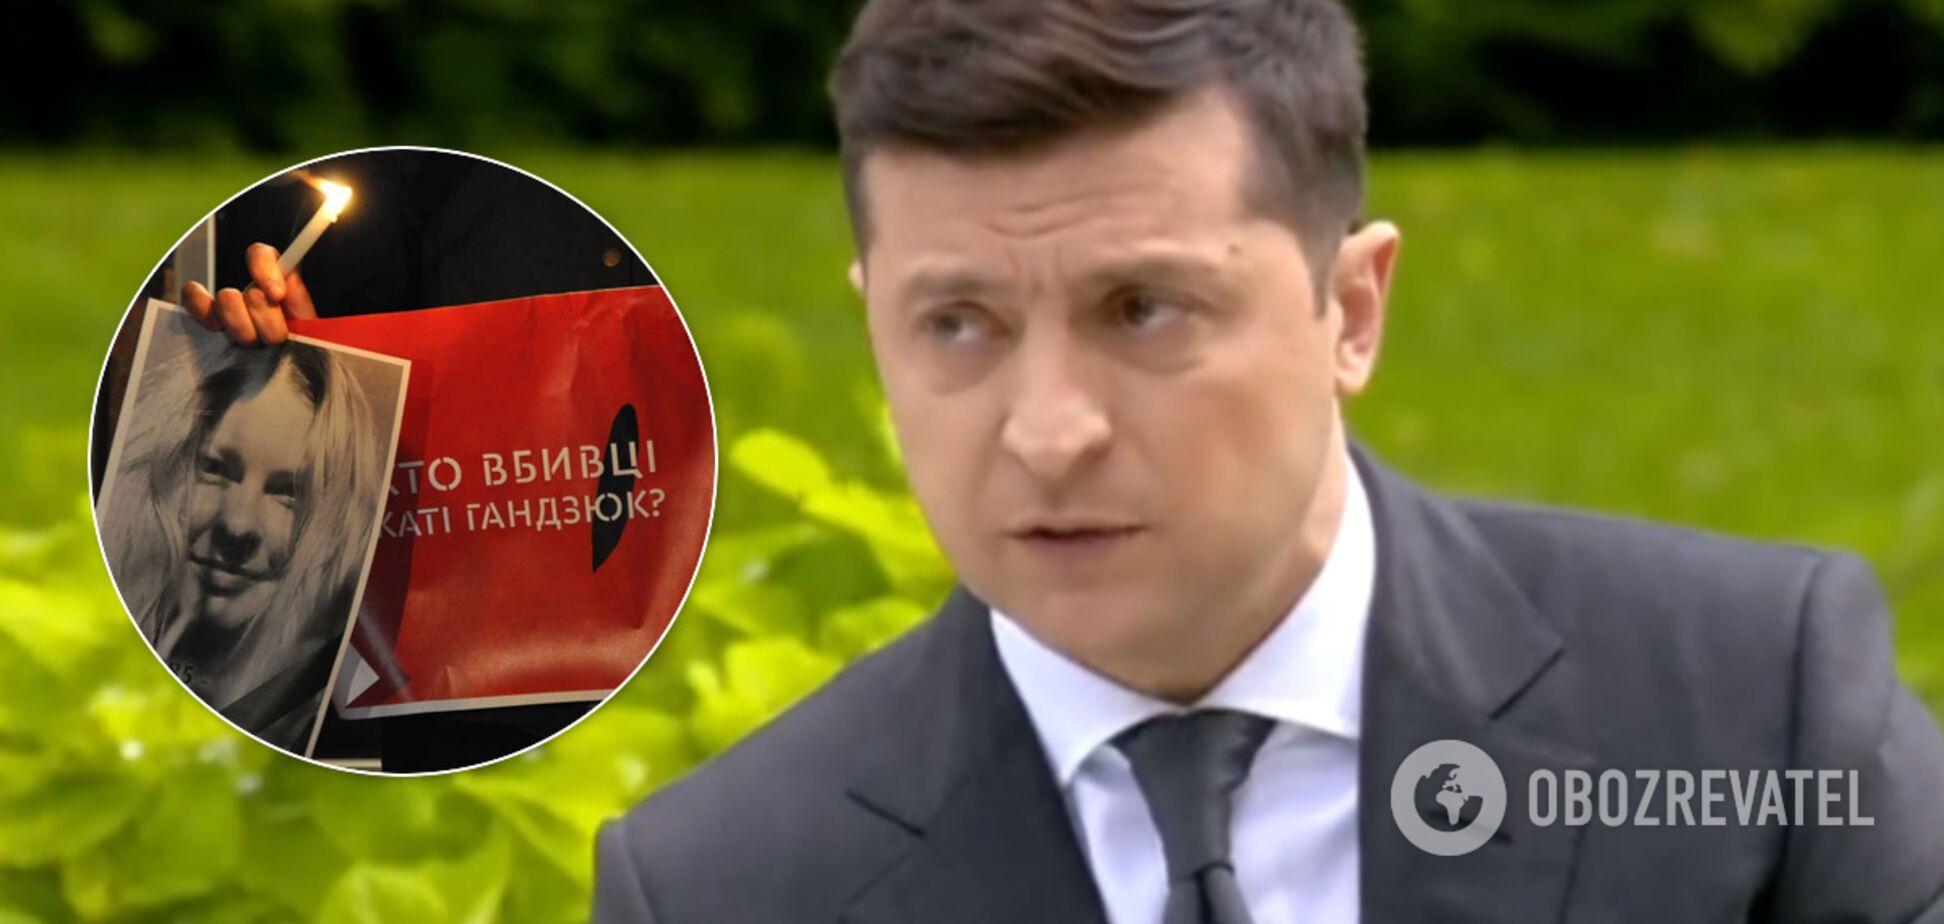 Зеленский пообещал, что заказчики убийства Гандзюк 'сядут'